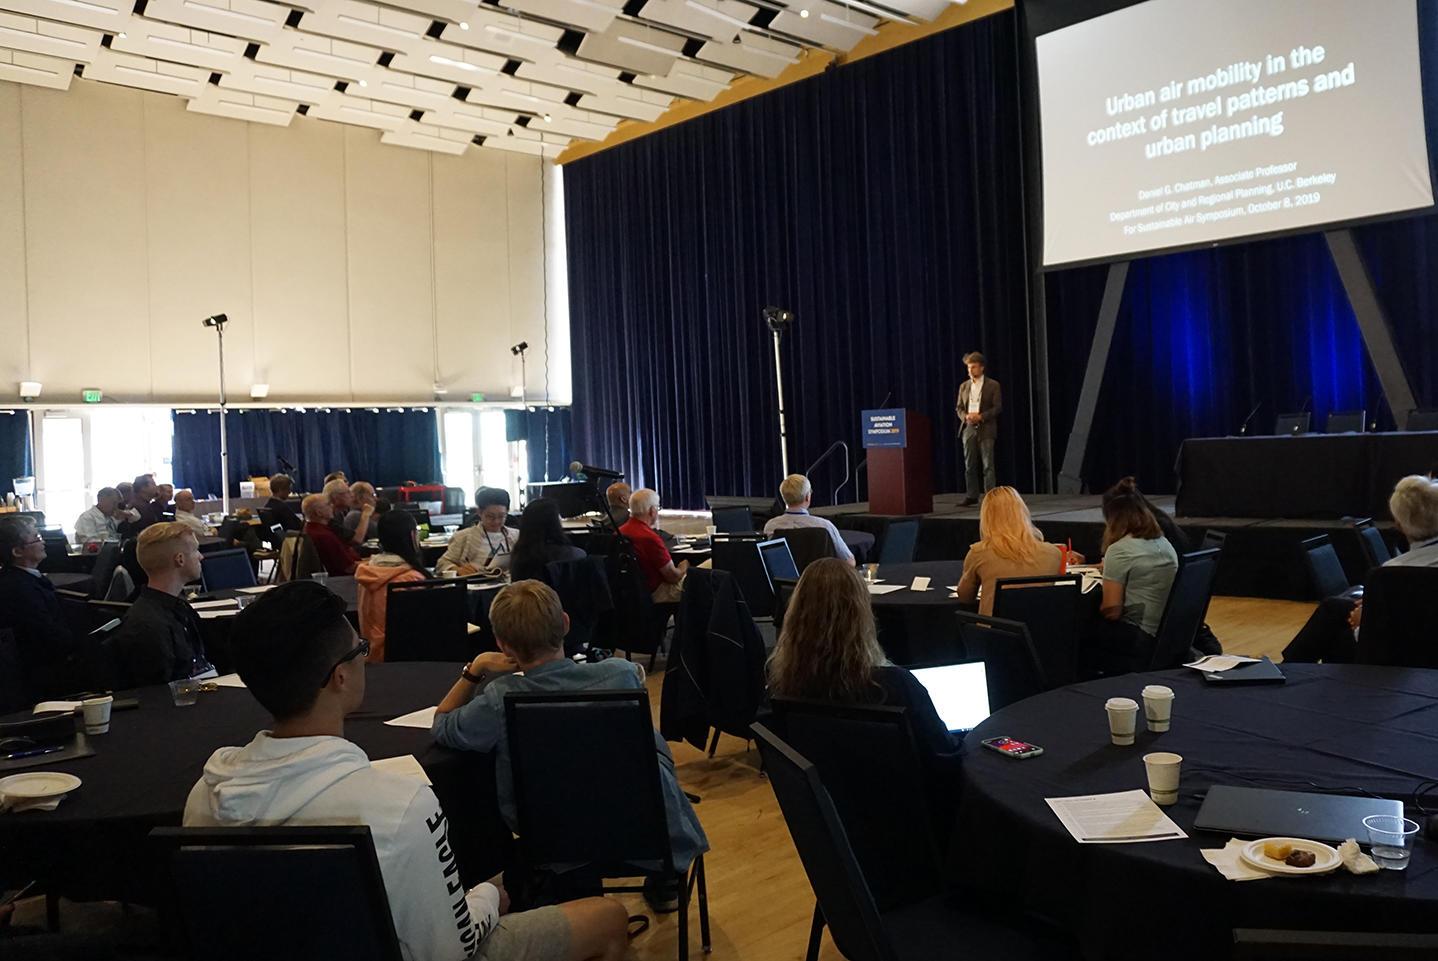 Dan Chatman presenting at SA Symposium